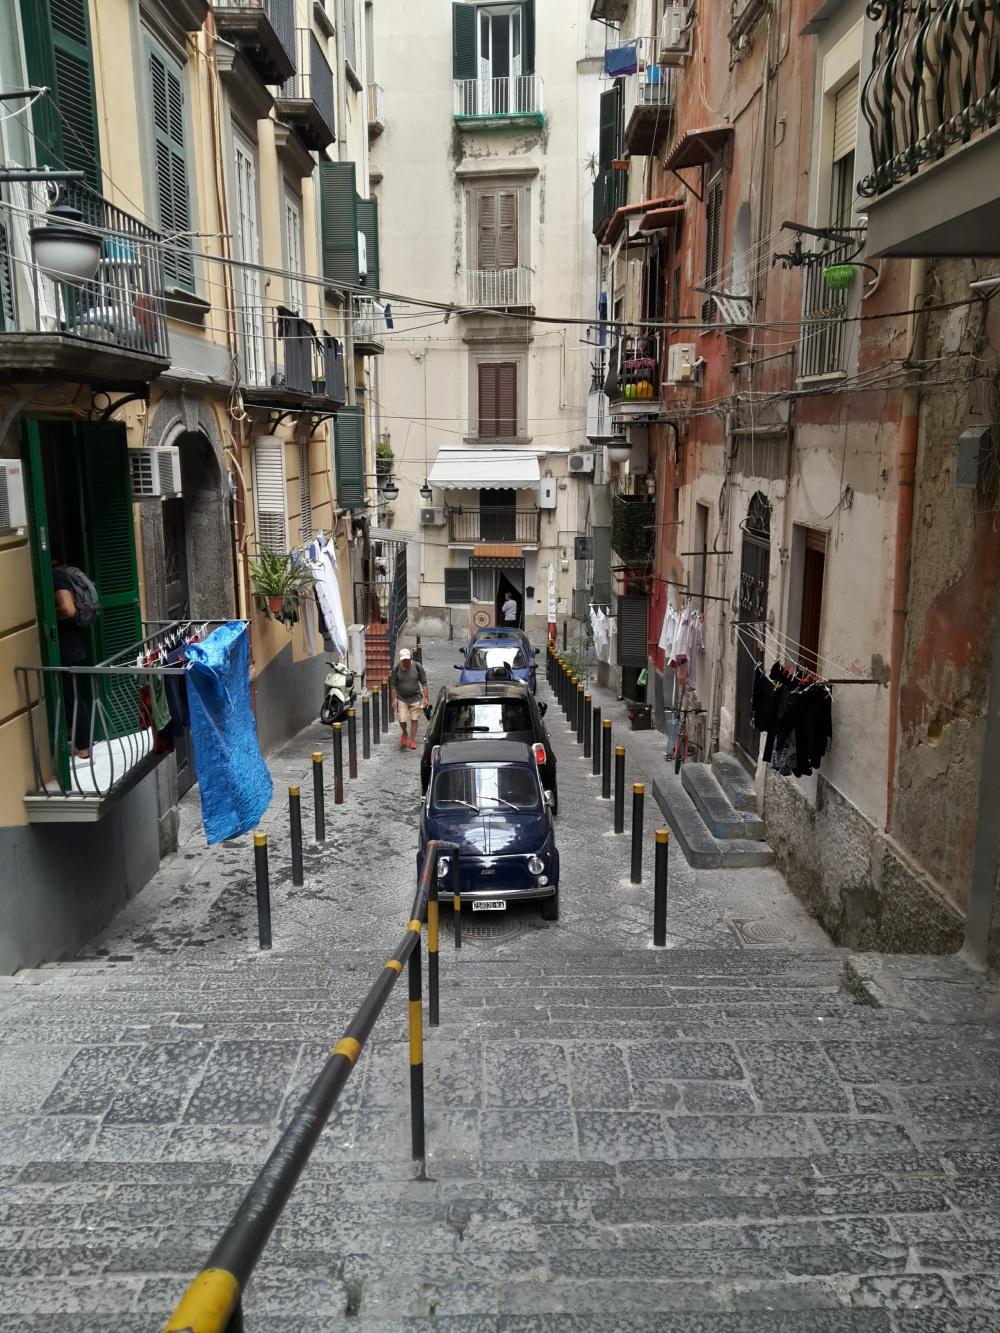 Napoli-Weekend a Napoli-Vedere Napoli-Viaggio-Viaggiare-Quartieri spagnoli-Centro storico-Città-Sud Italia